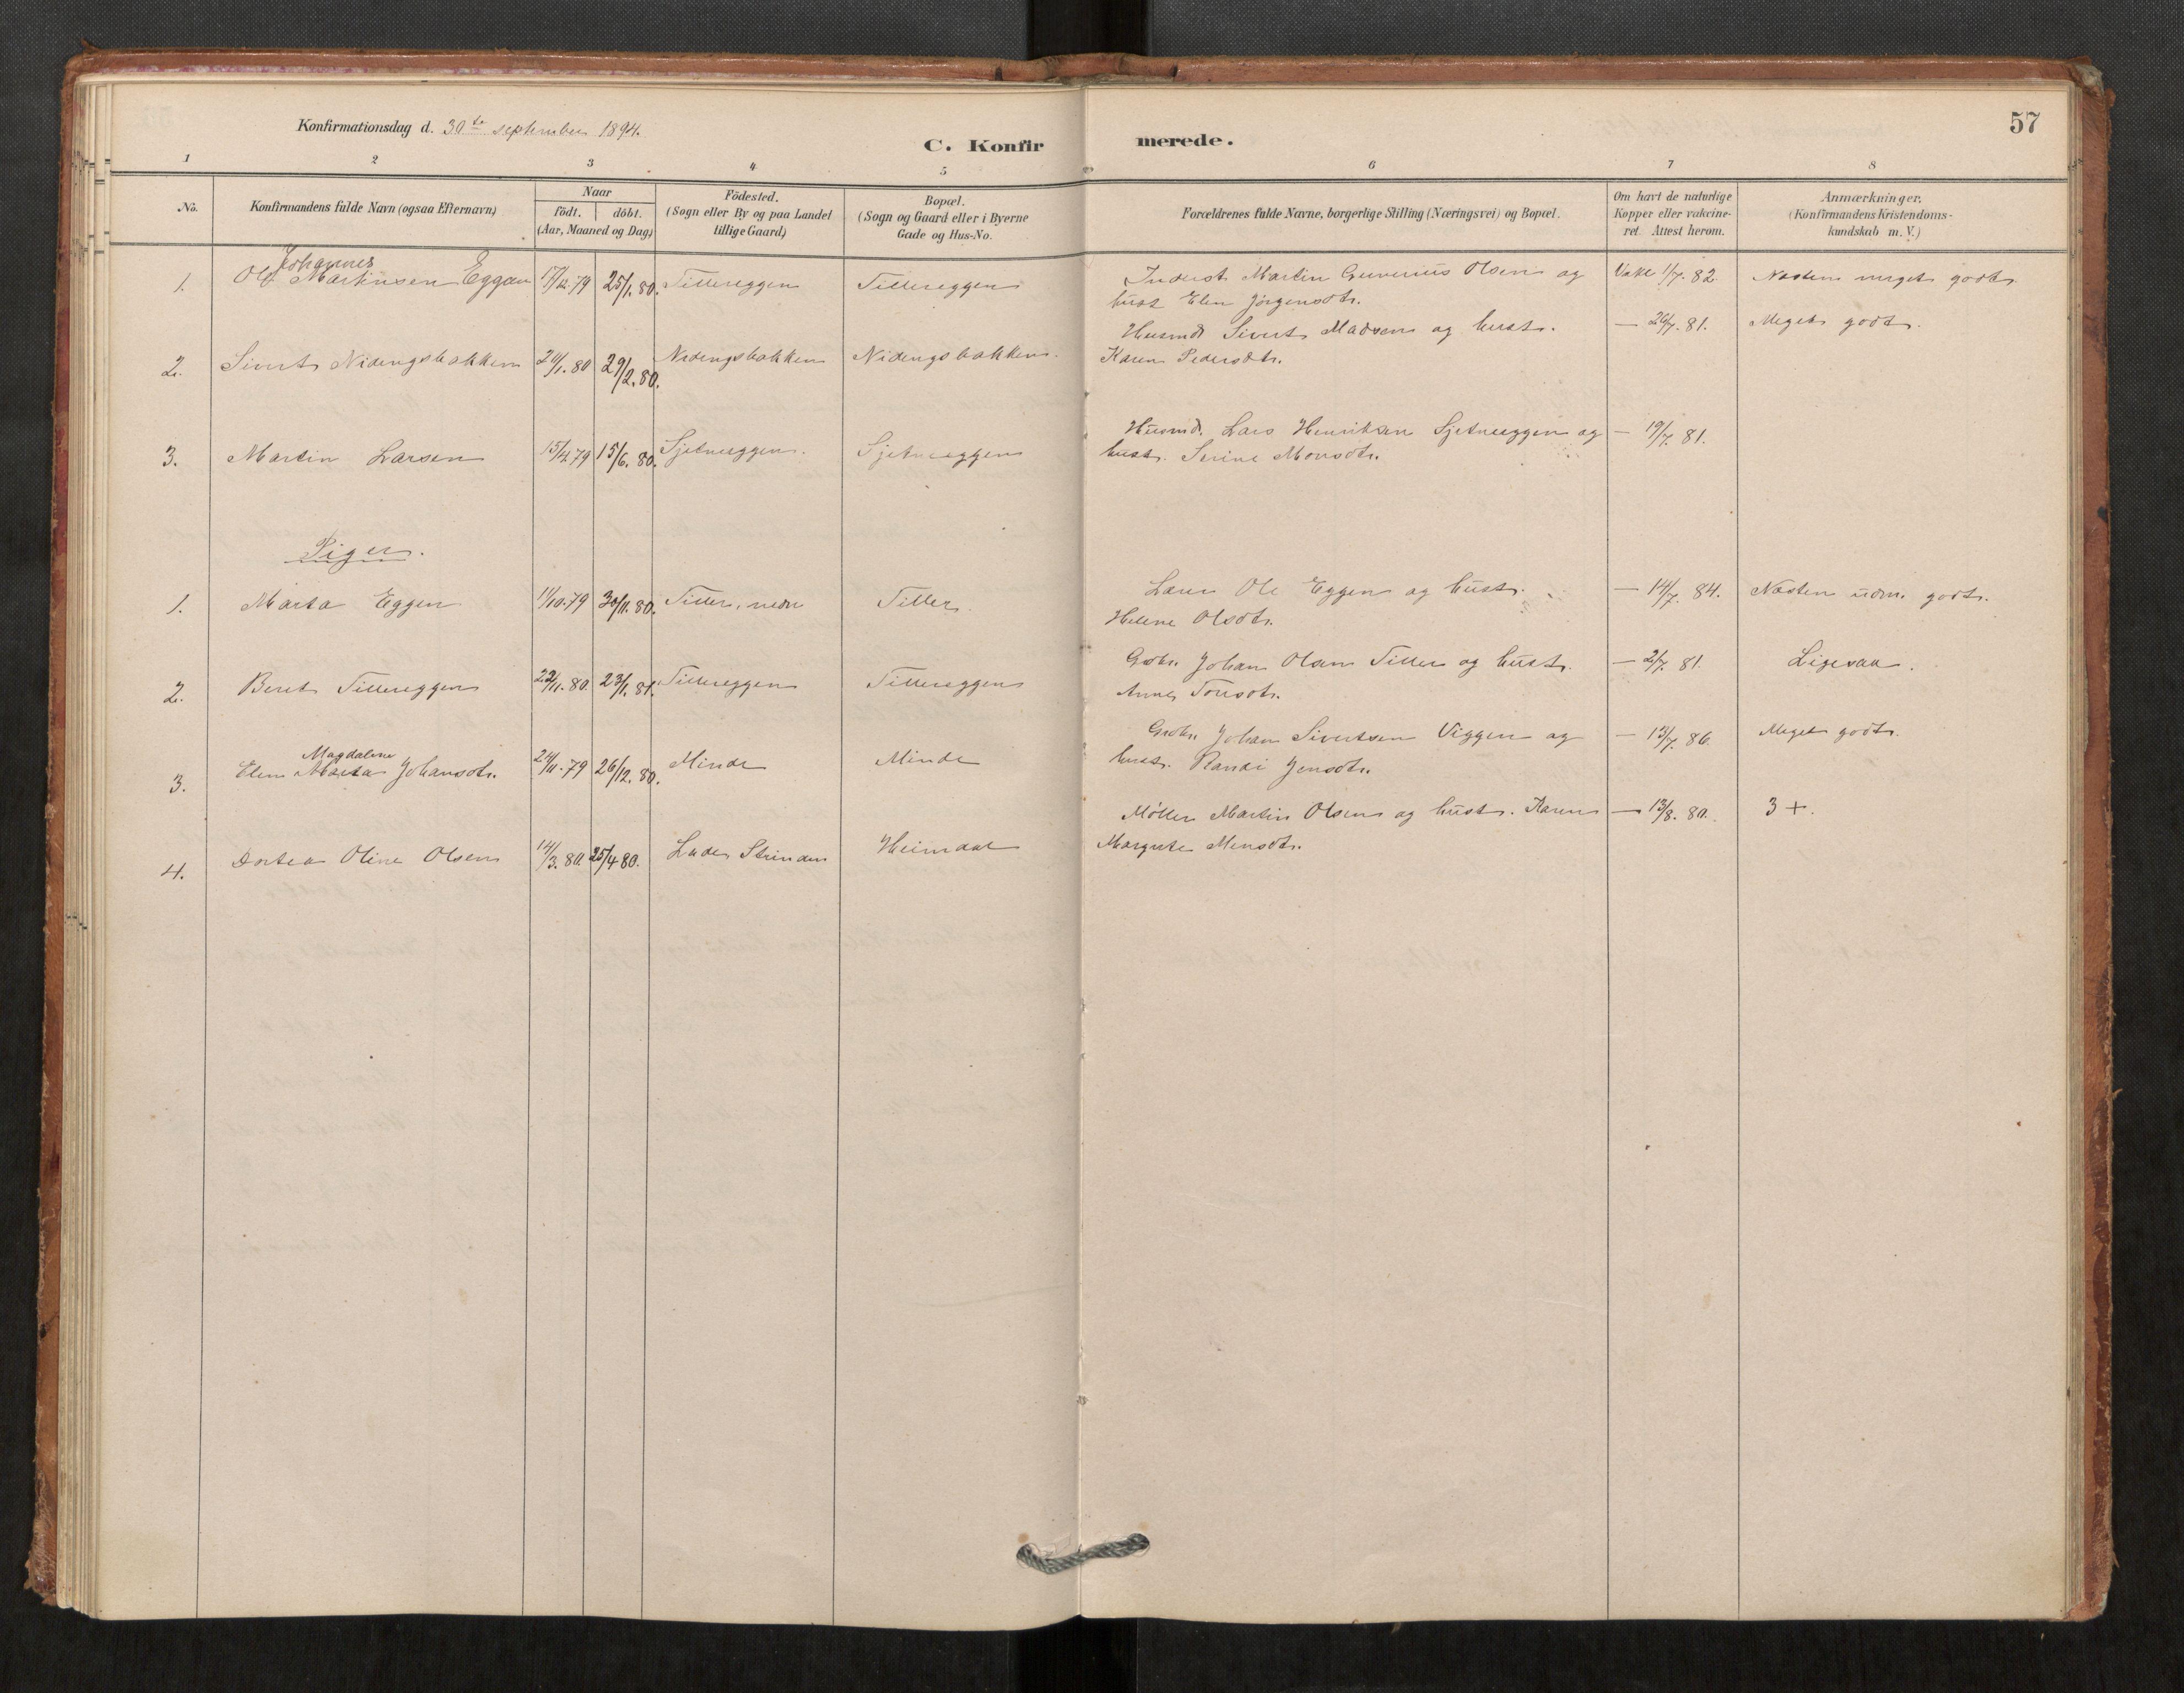 SAT, Klæbu sokneprestkontor, Parish register (official) no. 1, 1880-1900, p. 57